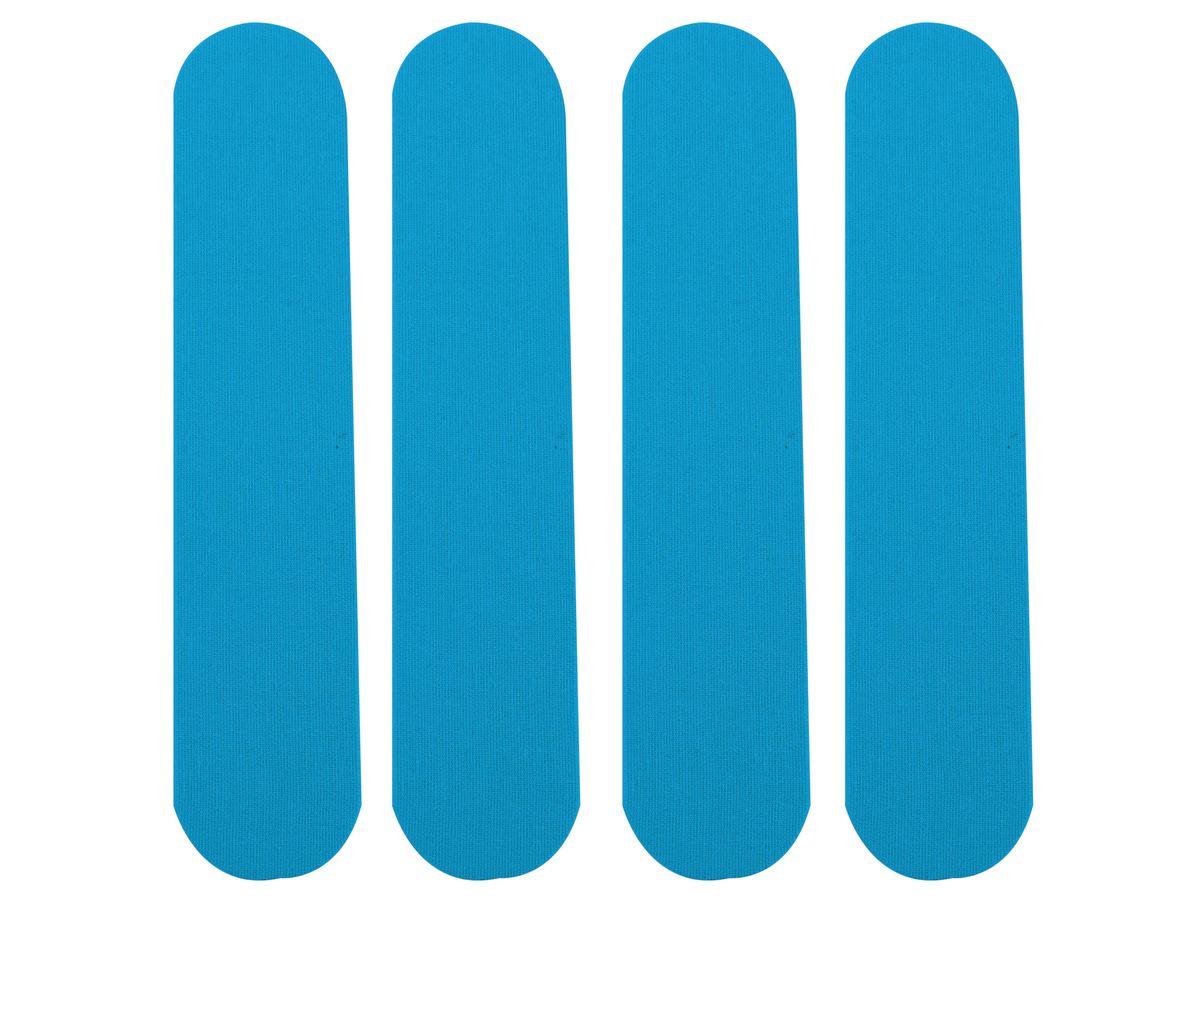 Лента кинезиологическая для запястья Lite Weights, цвет: голубой, 4 шт1216LWЛента кинезиологическая Lite Weights предназначена для защиты мышц запястий от растяжений во время занятий спортом. Специальные хлопковые ленты, не содержащие латекс, с акриловым термоактивным покрытием, аналогичные по эластичности человеческой коже, которые накладываются по методу кинезиологического тейпирования. Тейпы обеспечивают адекватную работу мышц, протекание саногенетических процессов, уменьшая болевой эффект, при этом не ограничивая движений, улучшая крово- и лимфоток, обладая гипоаллергенными свойствами и полной воздухо- и влагопроницаемостью, позволяет использовать их на протяжении 5 дней, 24 часа в сутки, даже в воде. Преимущества кинезиологической ленты: позволяет снизить нагрузку на определенные мышцы; обеспечивает плавный процесс восстановления после травм; усиливает кровообращение на участке наклеивания; улучшает снабжение мышц кислородом; уменьшает болевой синдром и отечность; размер одной ленты: 25 см х 5 см; ускоряет...